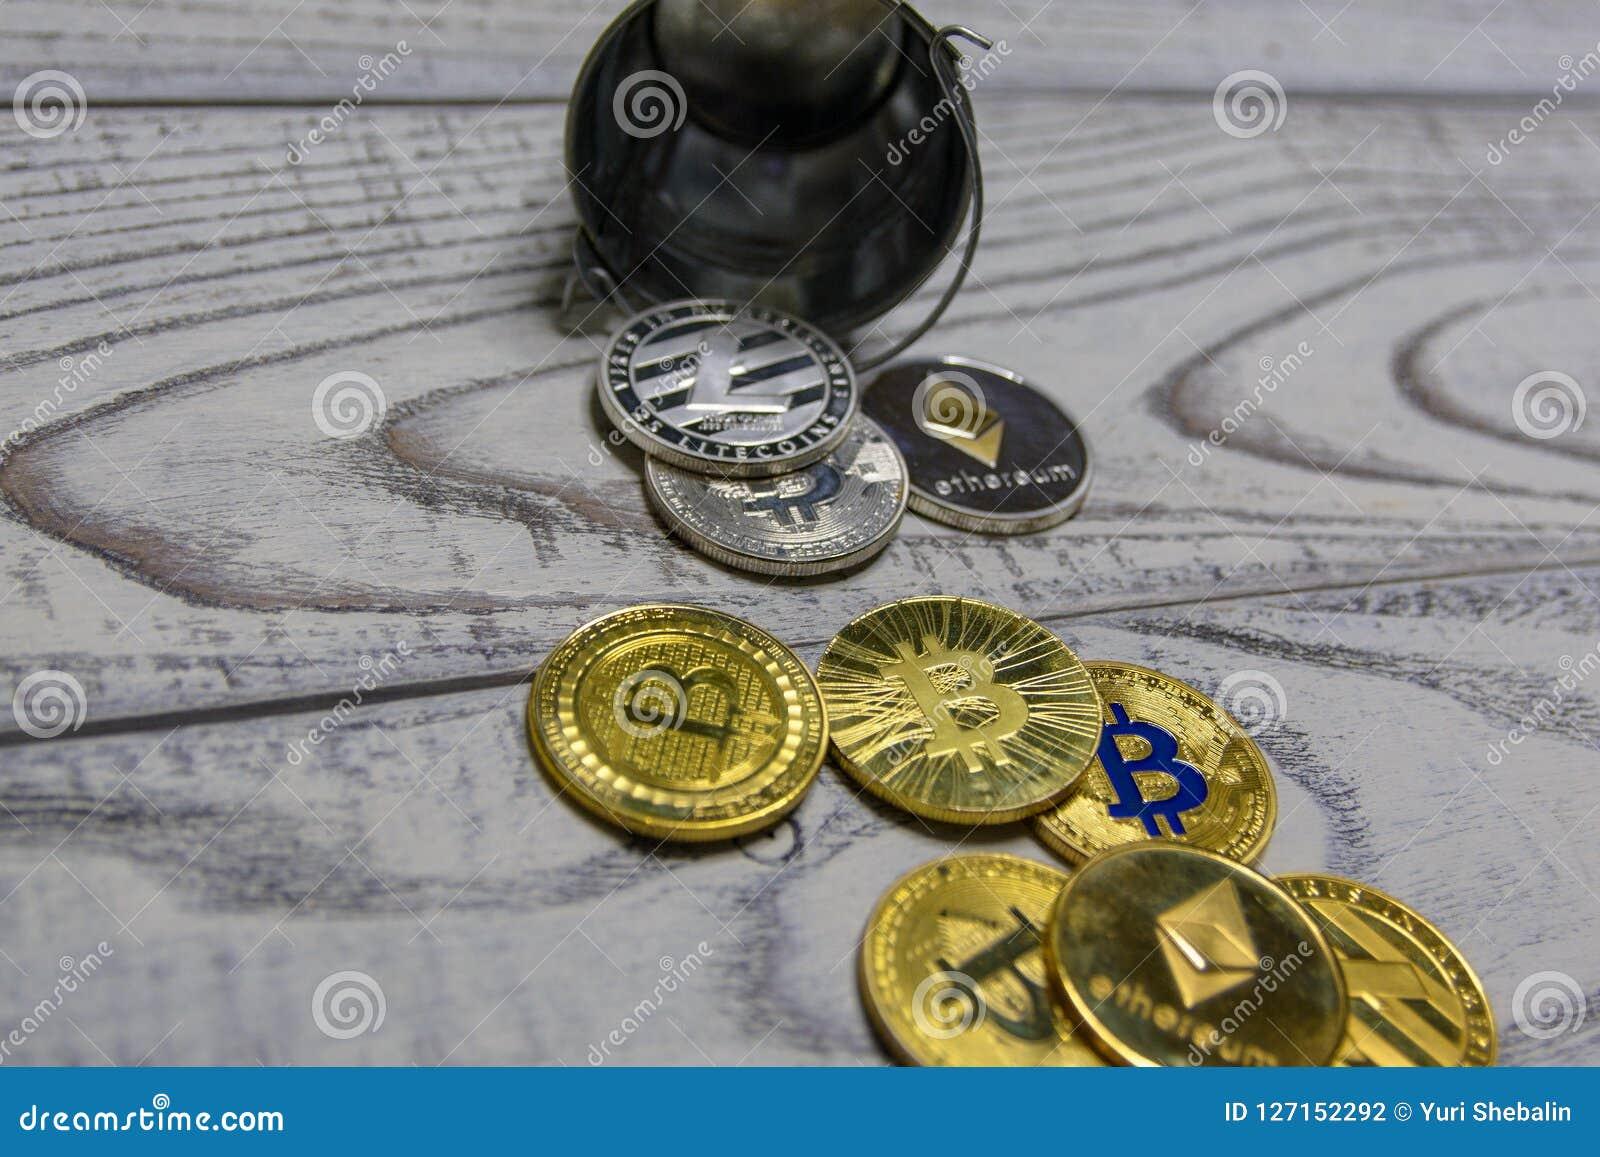 Χρυσό bitcoin και άλλο crypto νόμισμα στην πεσμένη κινηματογράφηση σε πρώτο πλάνο κάδων μετάλλων παιχνιδιών